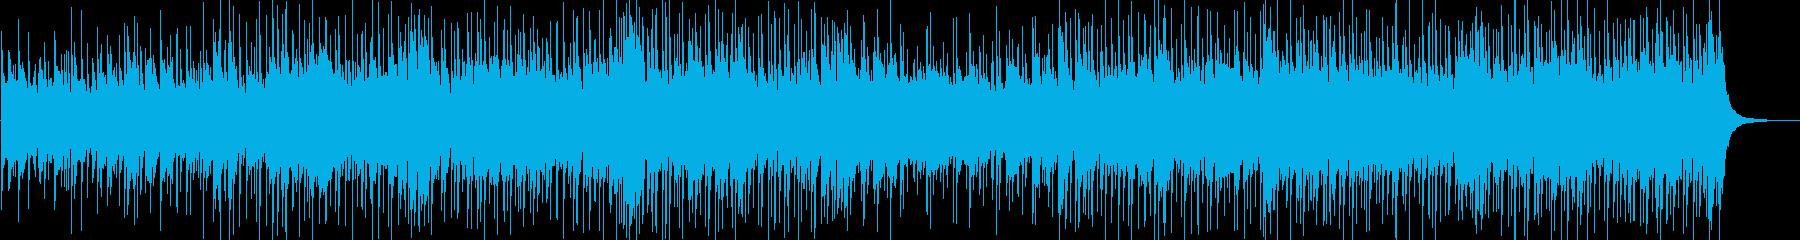 ほのぼのアコースティックでポップなBGMの再生済みの波形